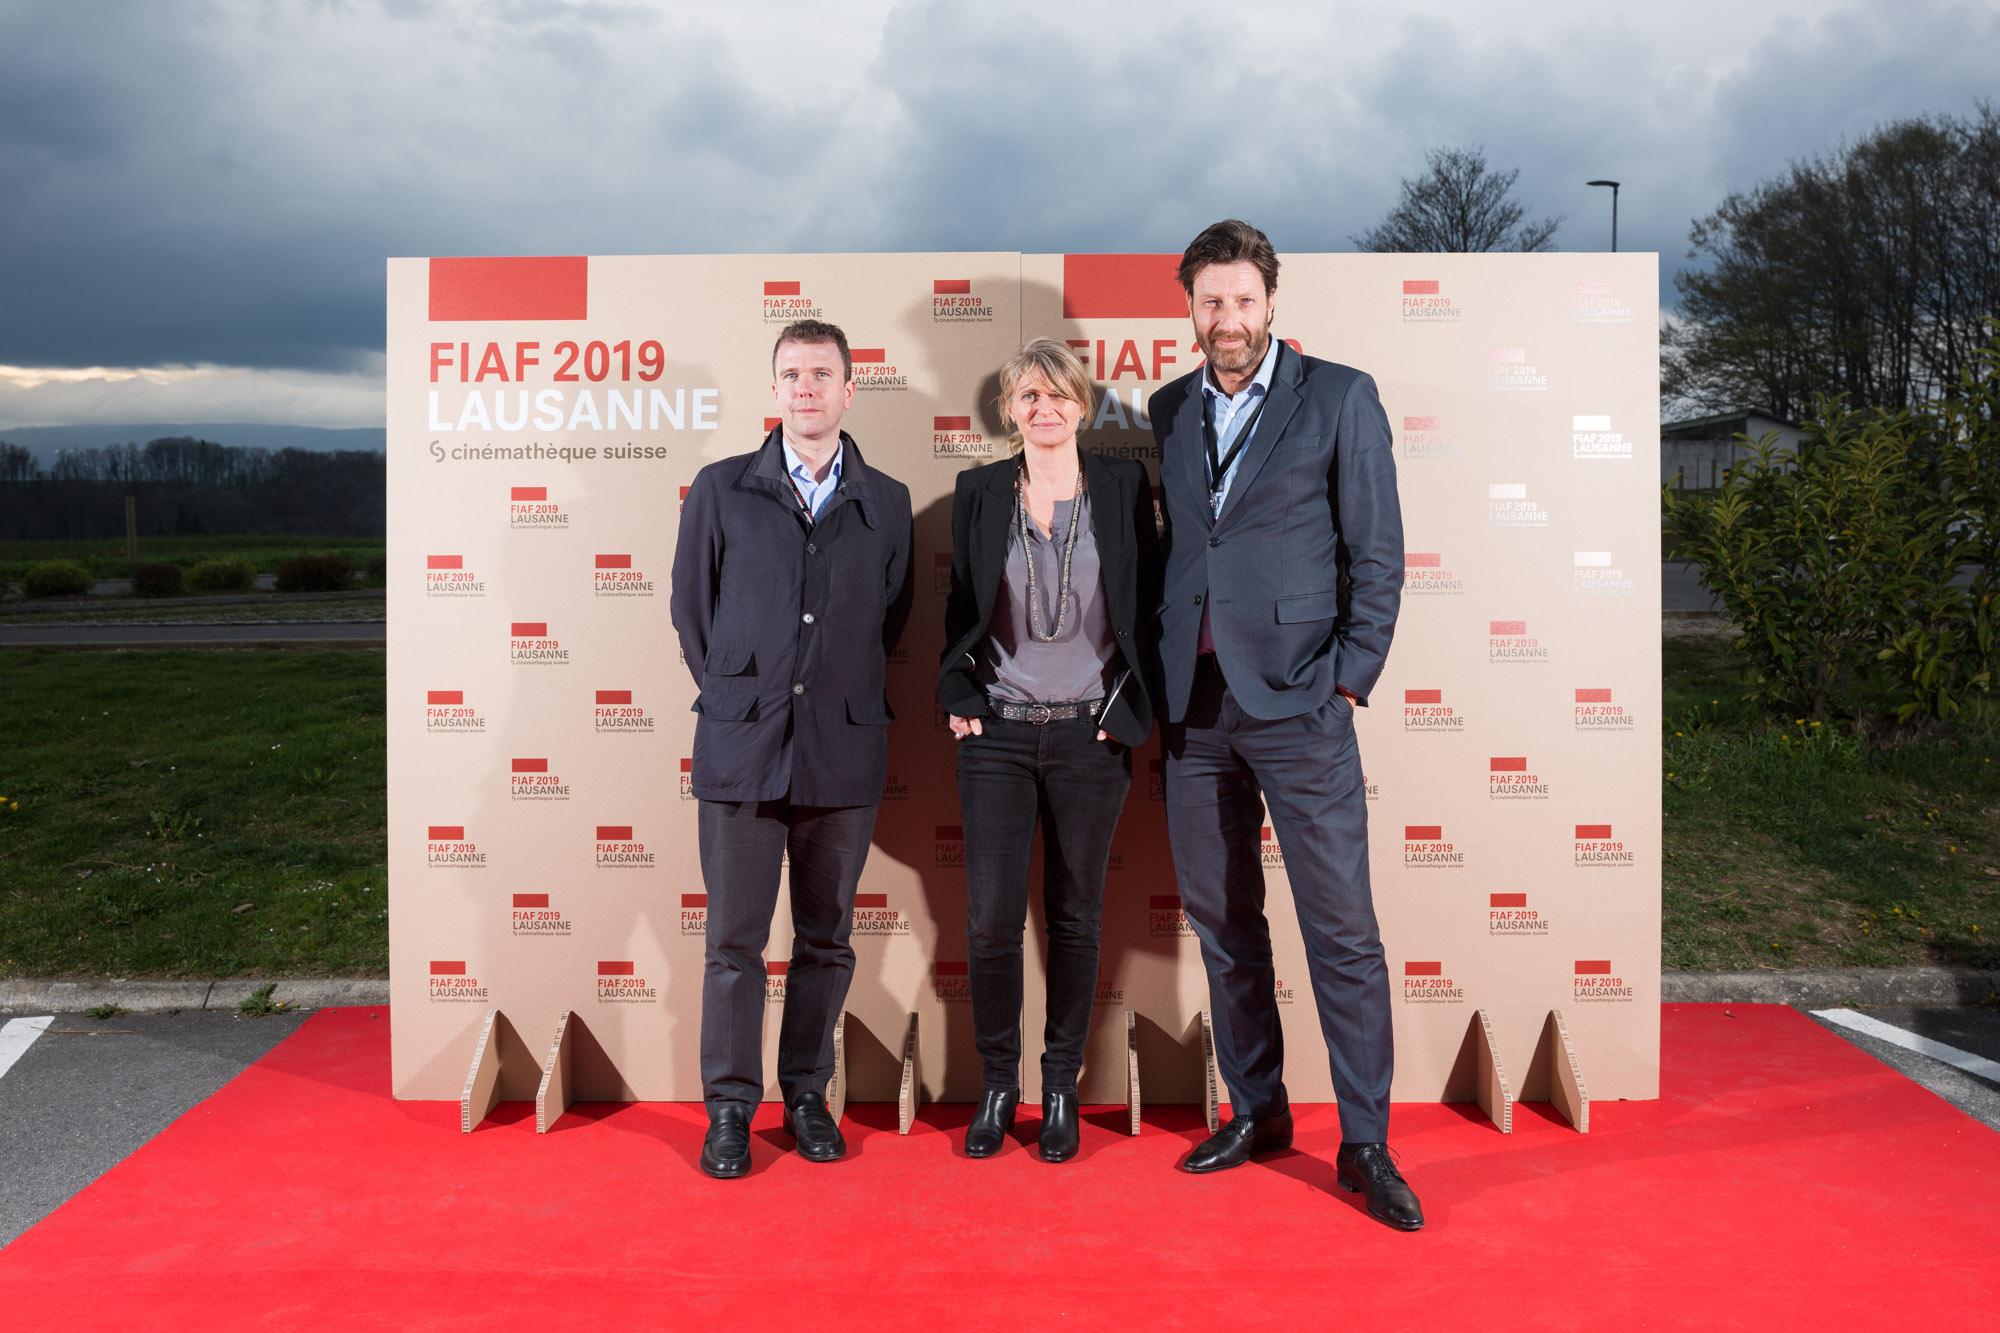 Photocall à la FIAF 2019, cinemathèque Suisse, Lausanne. Photographe: Pierre-Yves Massot